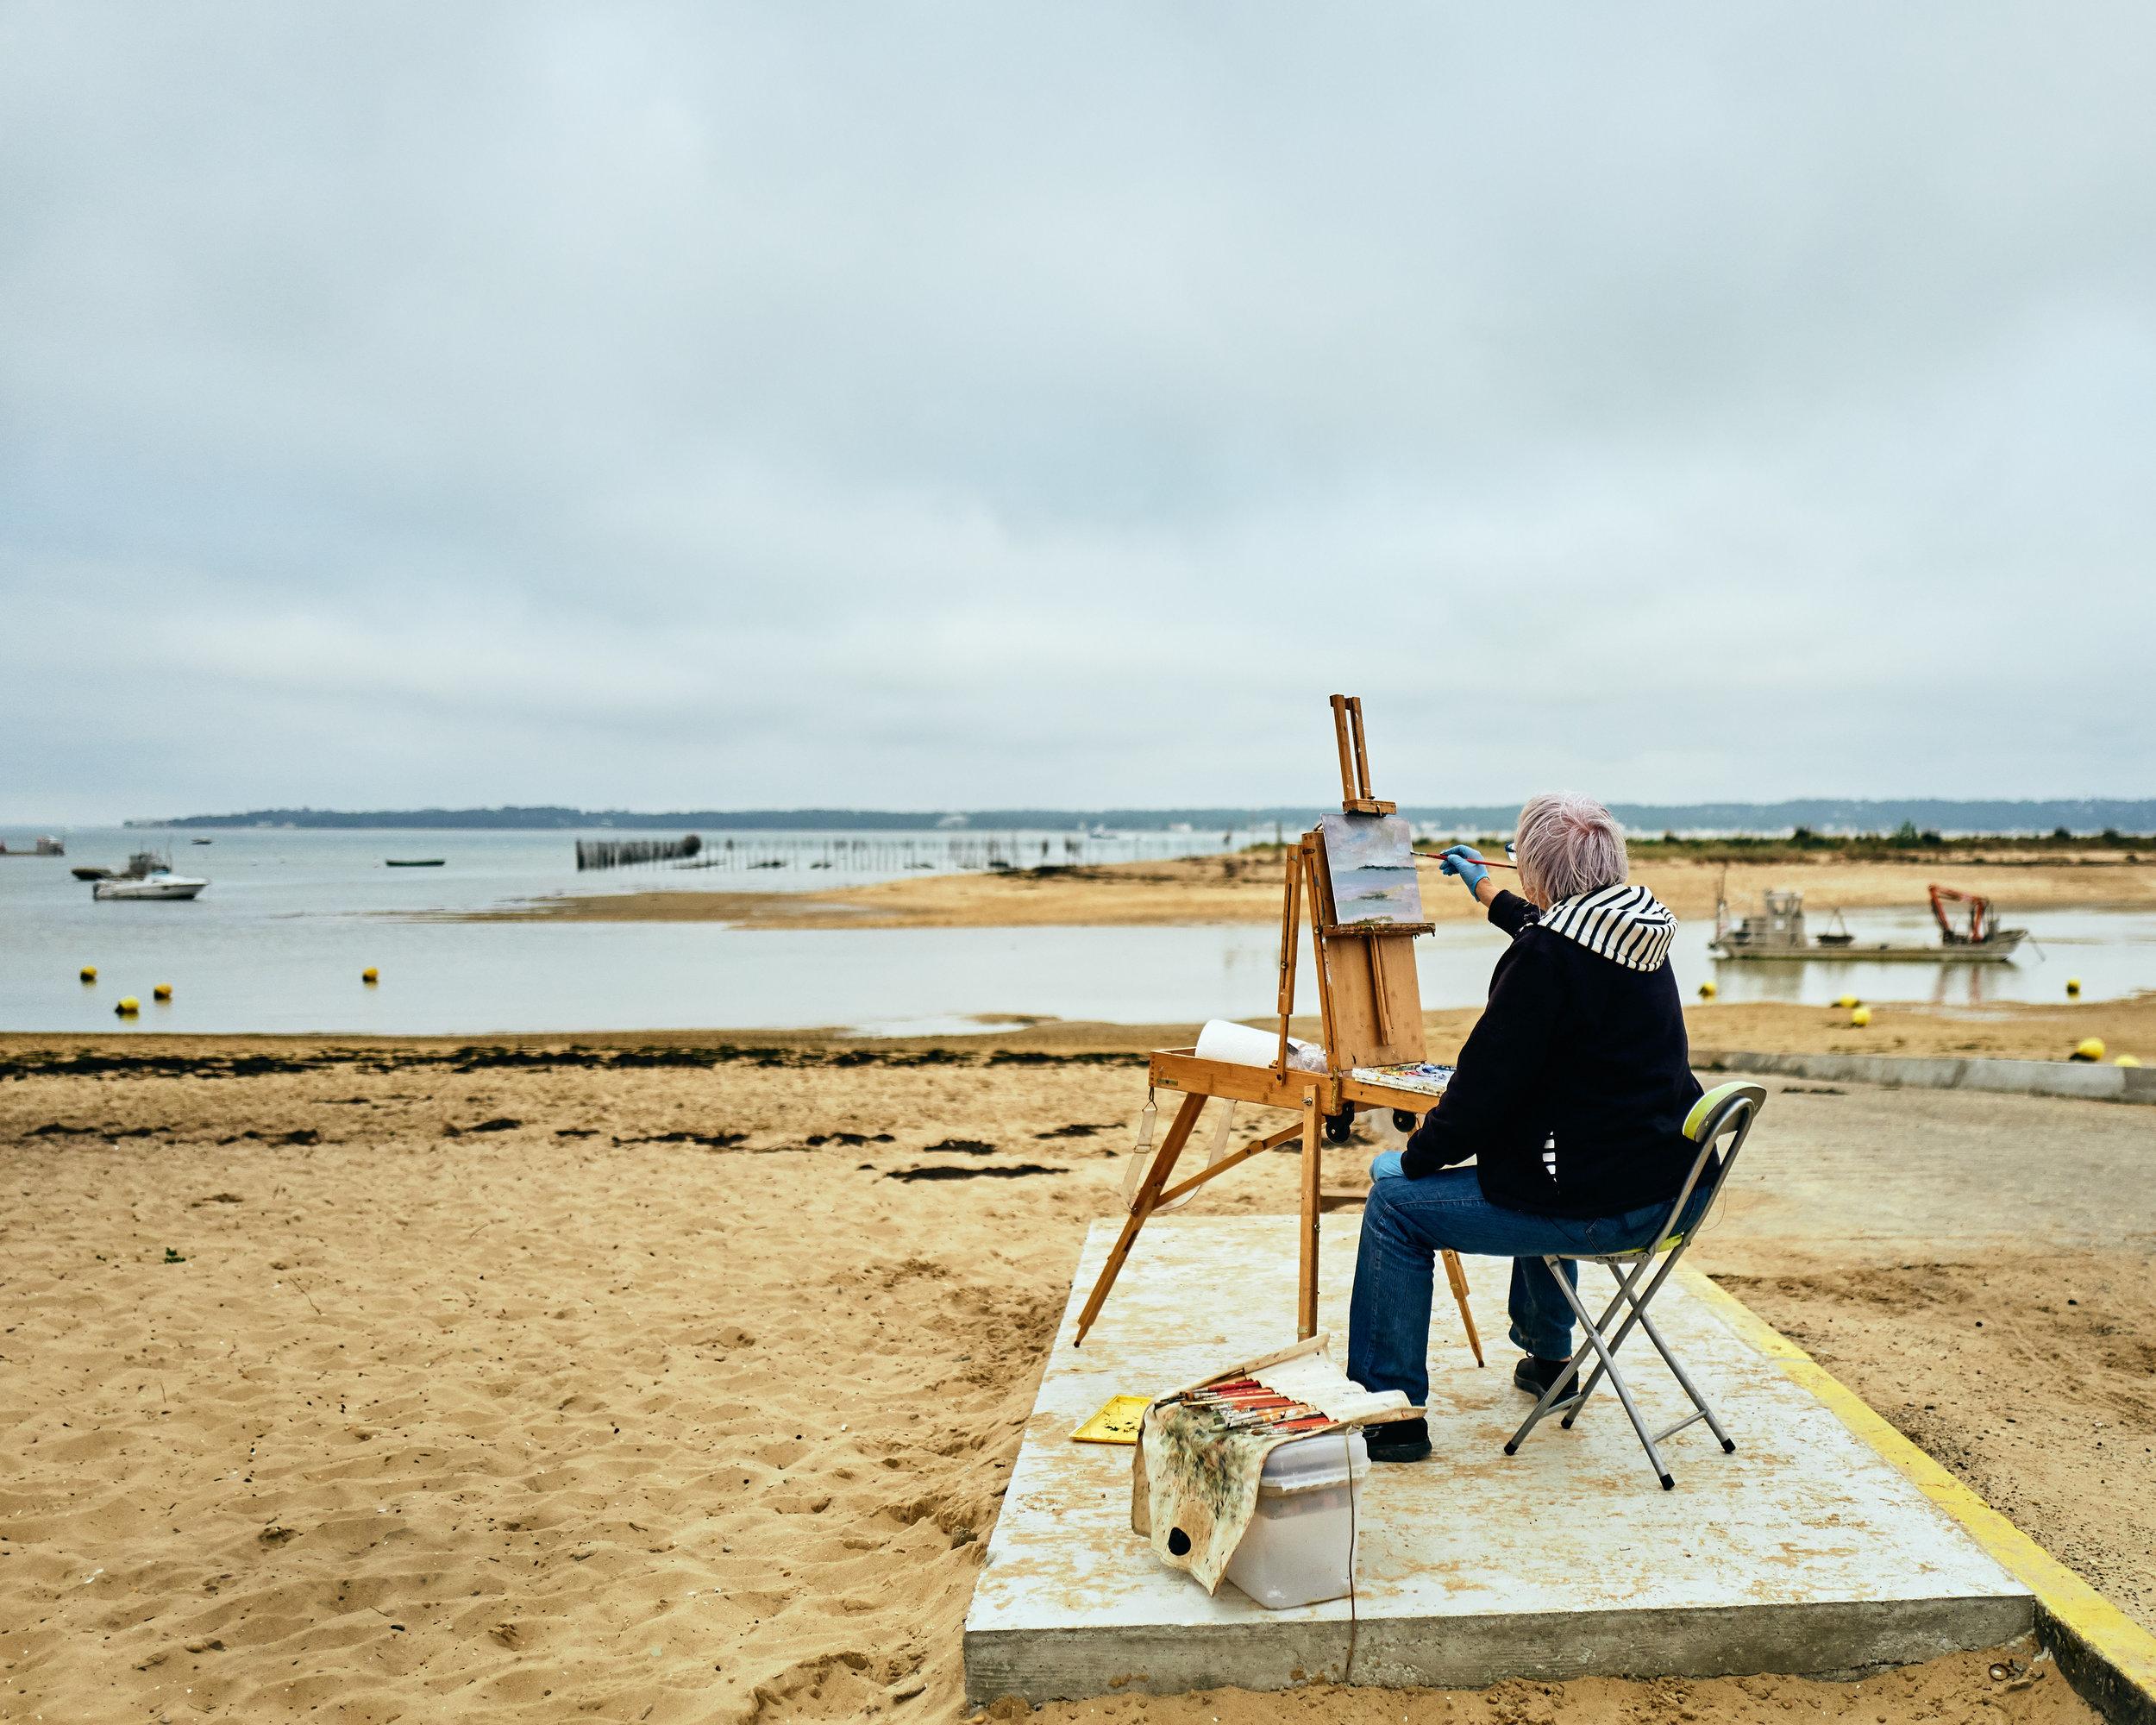 Peintre et moment pictorial sur la plage du Mimbeau, Presqu'ile du Cap-Ferret // Octobre 2017 // Leica Q // Capture One Pro 10 Spectrum Style // © Thierry Lothon